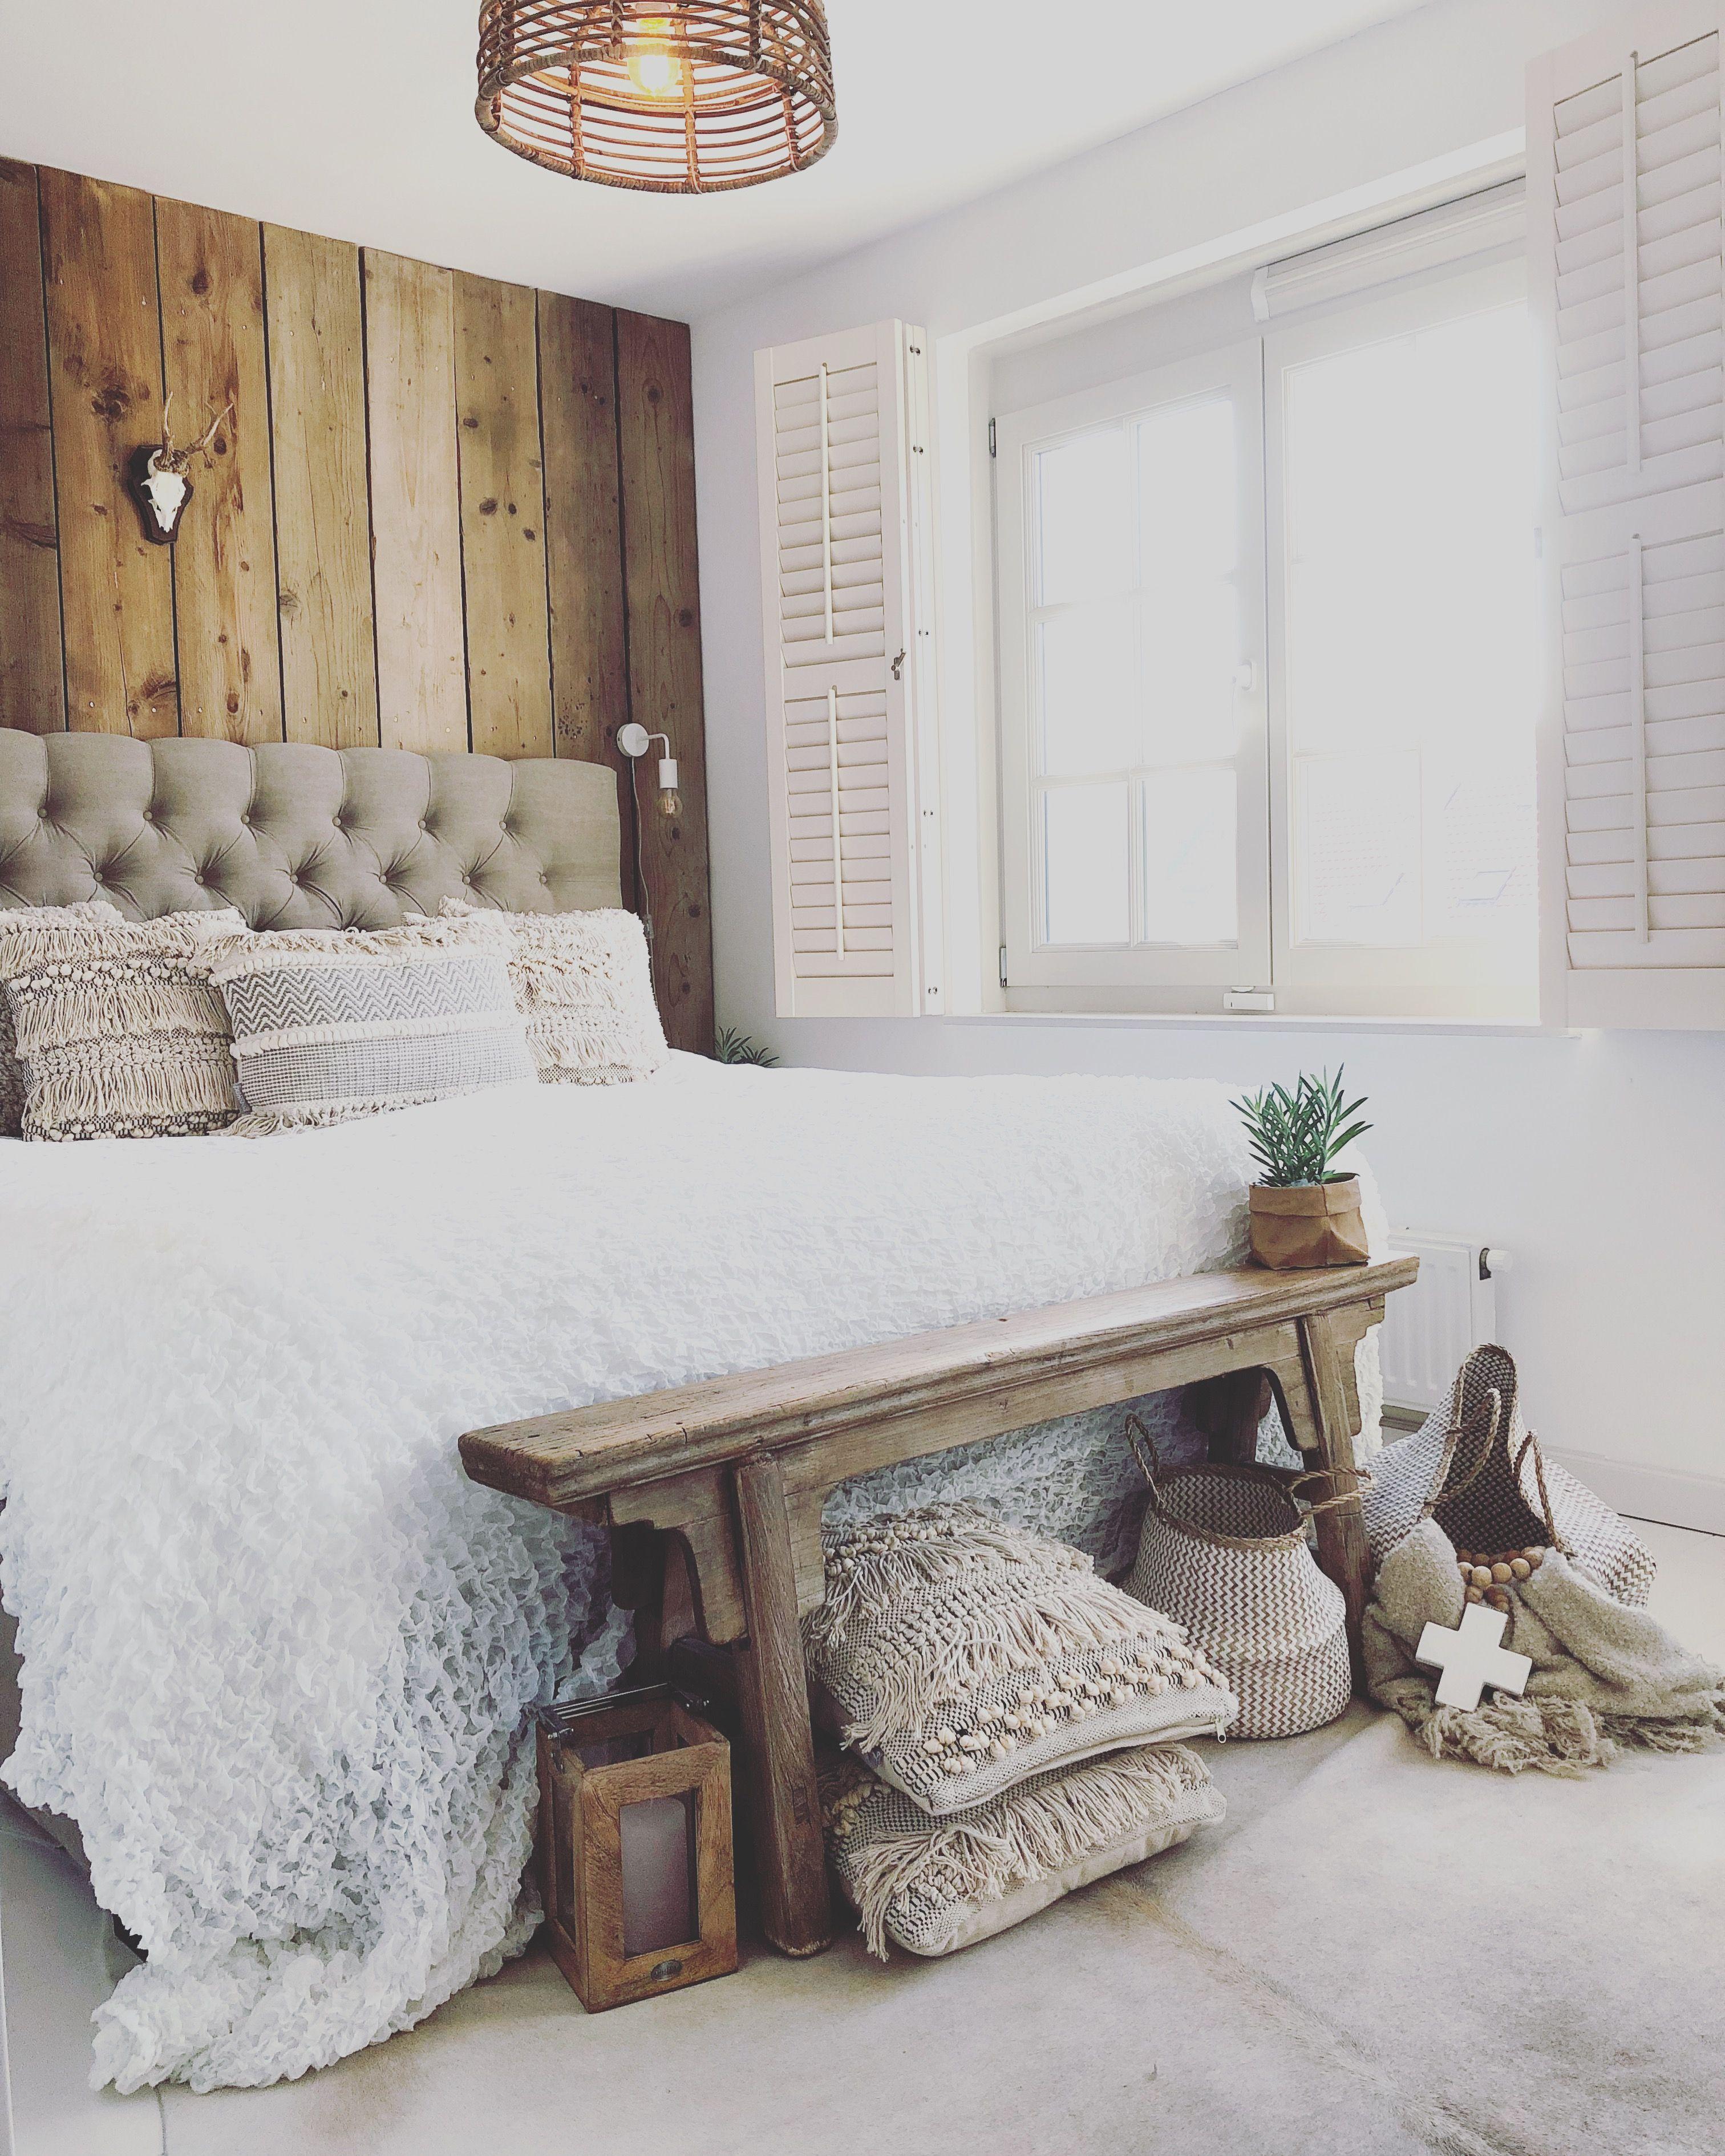 Landelijke slaapkamer. Bedroom. Steigerhout. Oud houten bankje ...